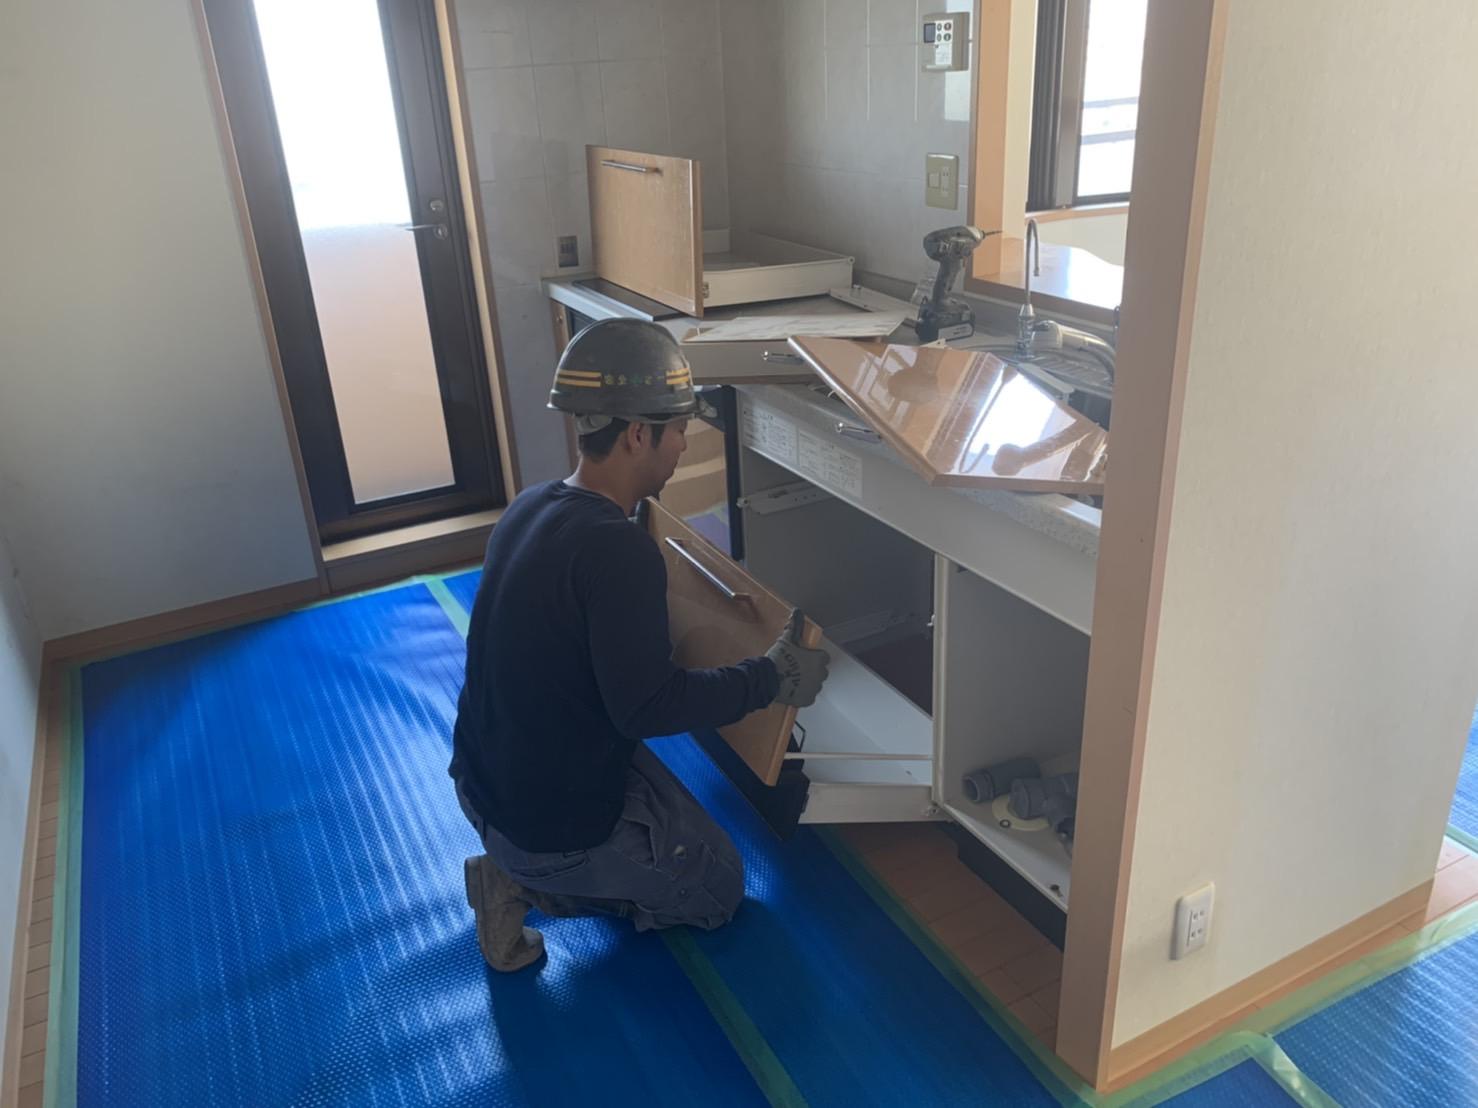 京都市 解体工事 「 マンションのキッチン解体 」